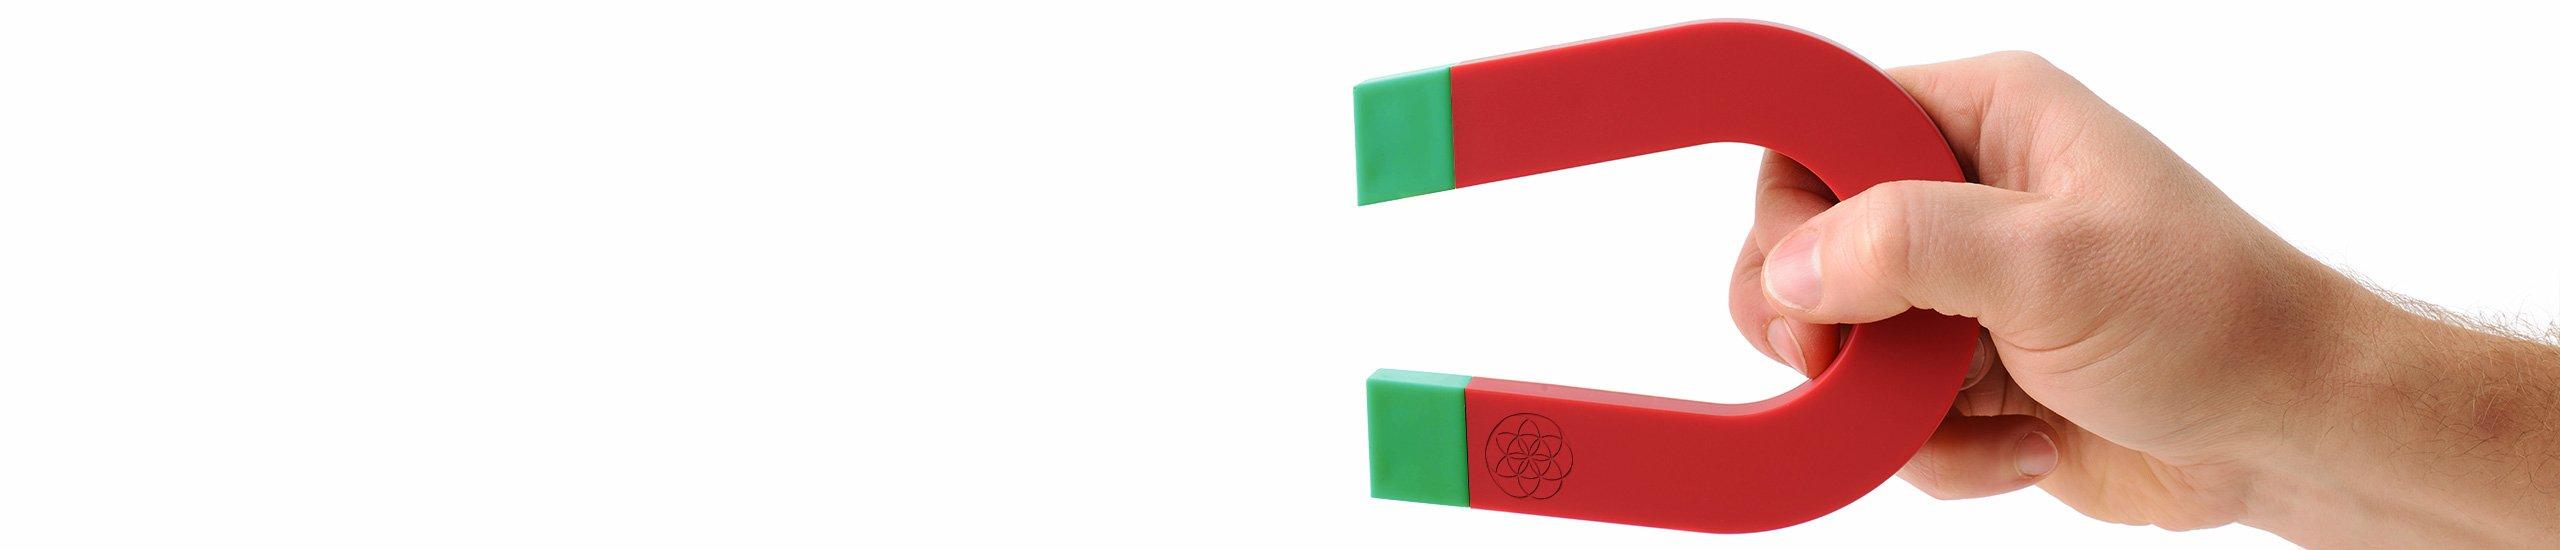 slider-inbound-marketing-magnet